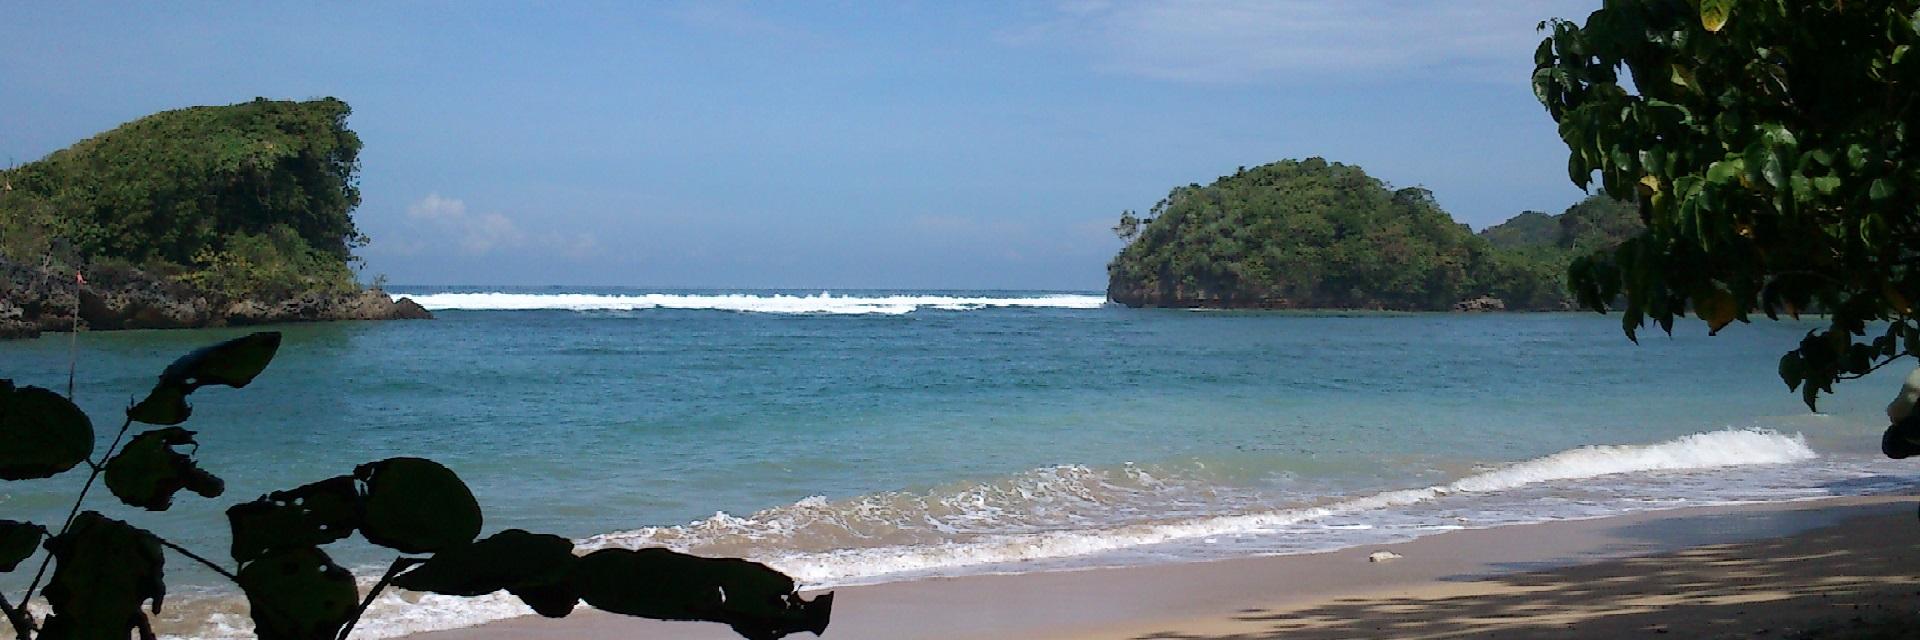 Jadikan 5 Pantai Ngehits di Malang Ini Destinasi Dolan Berikutnya!